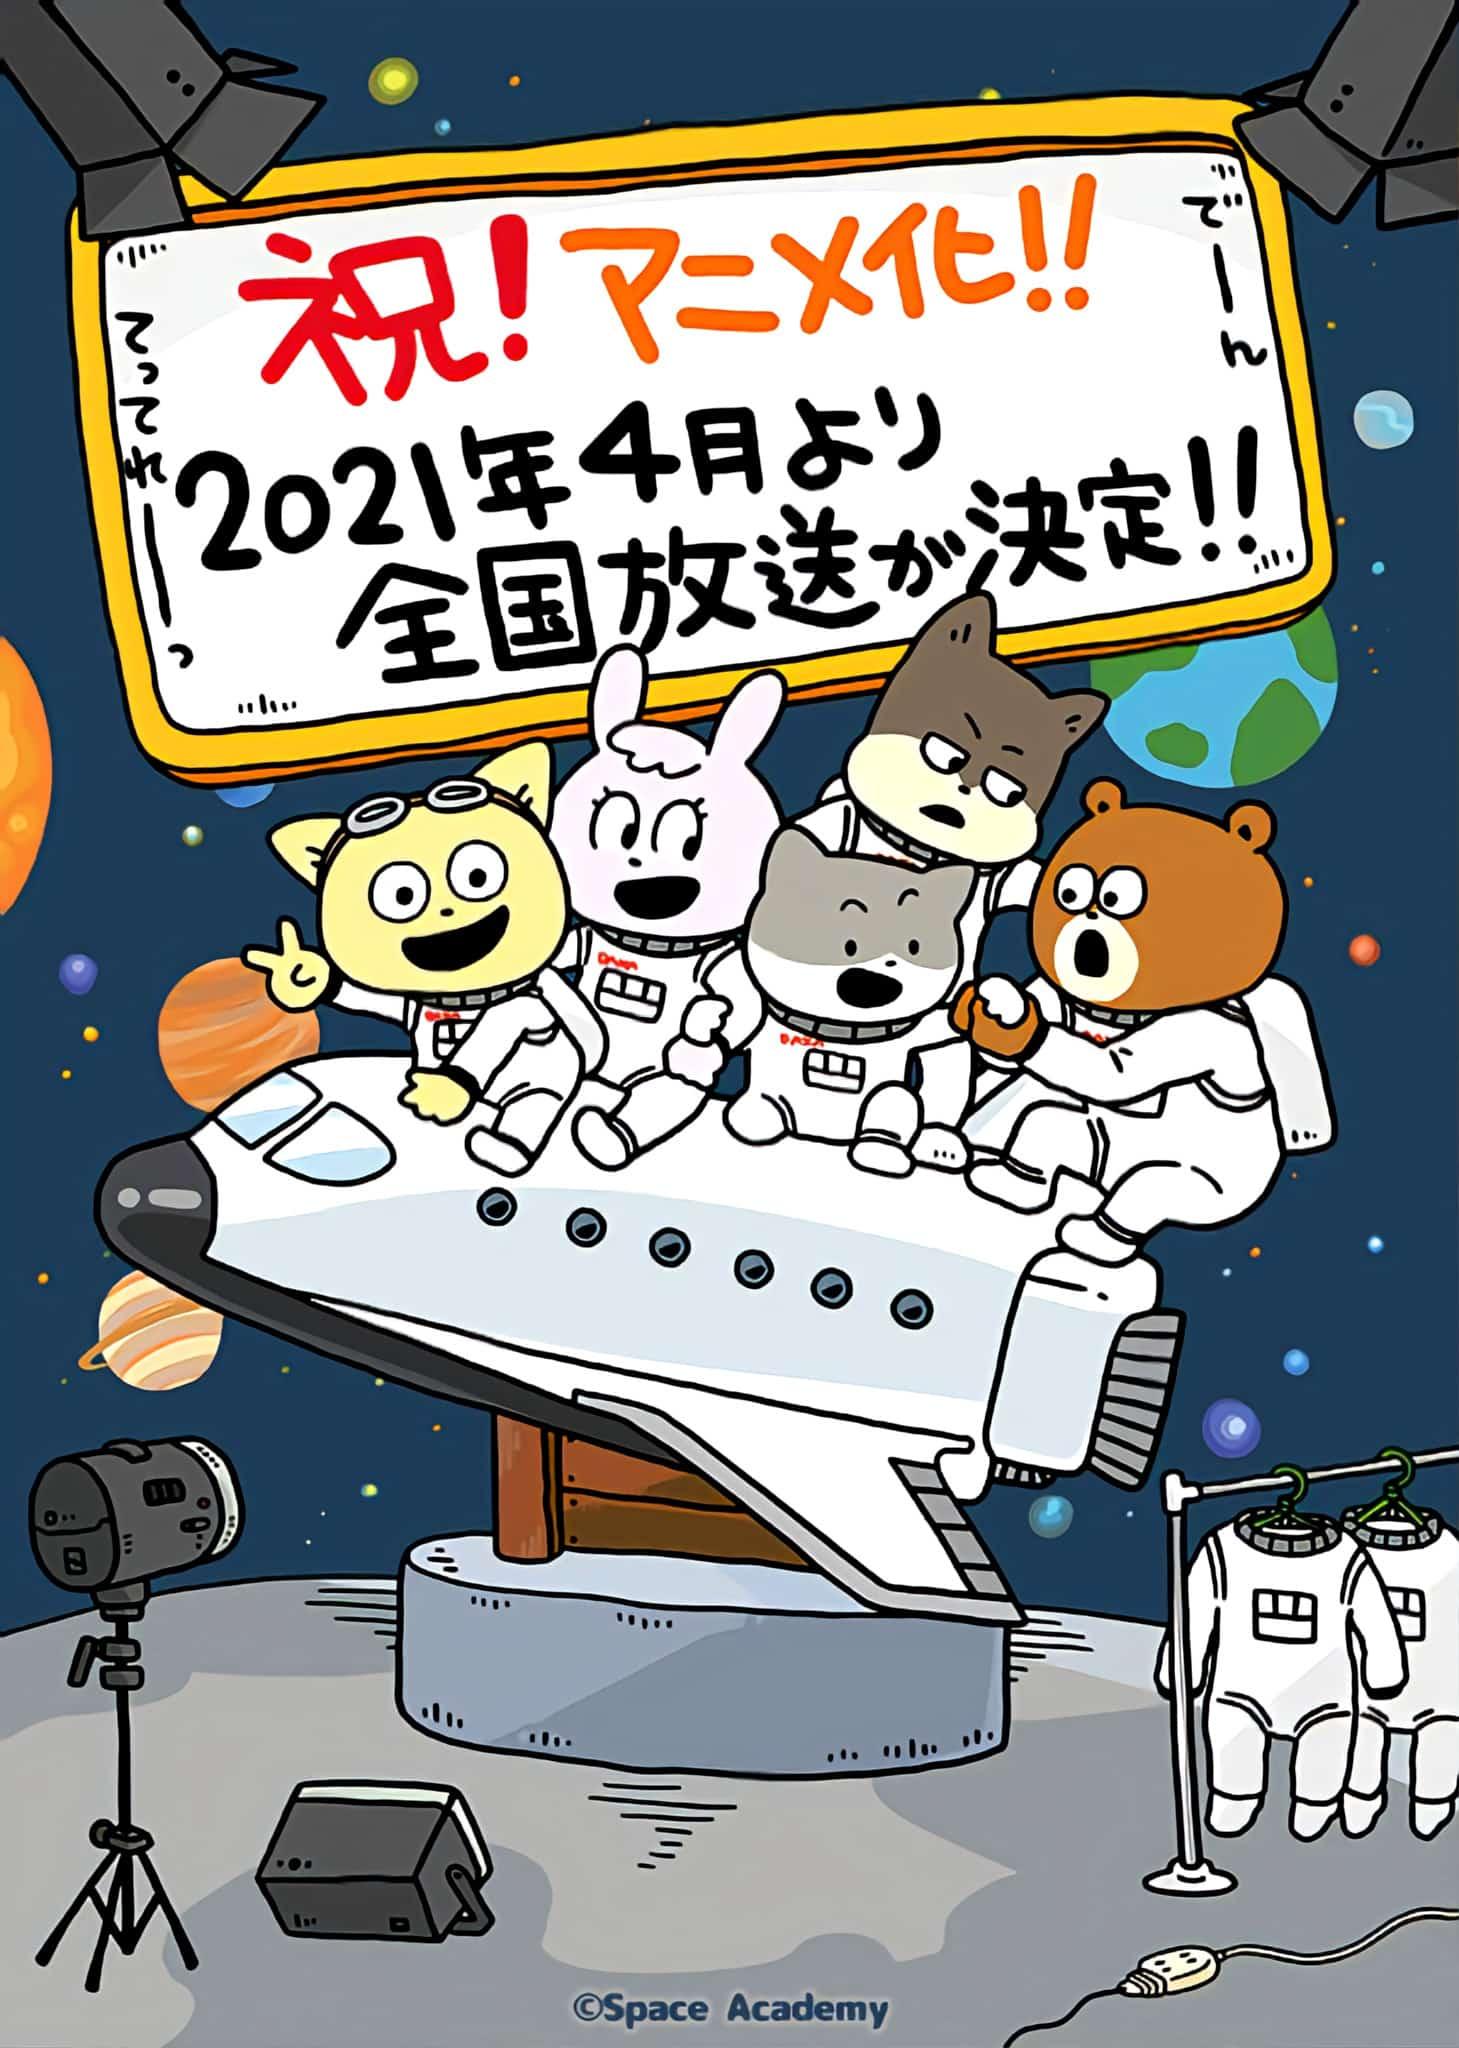 Премьера аниме «Космическая академия» состоится 7 апреля